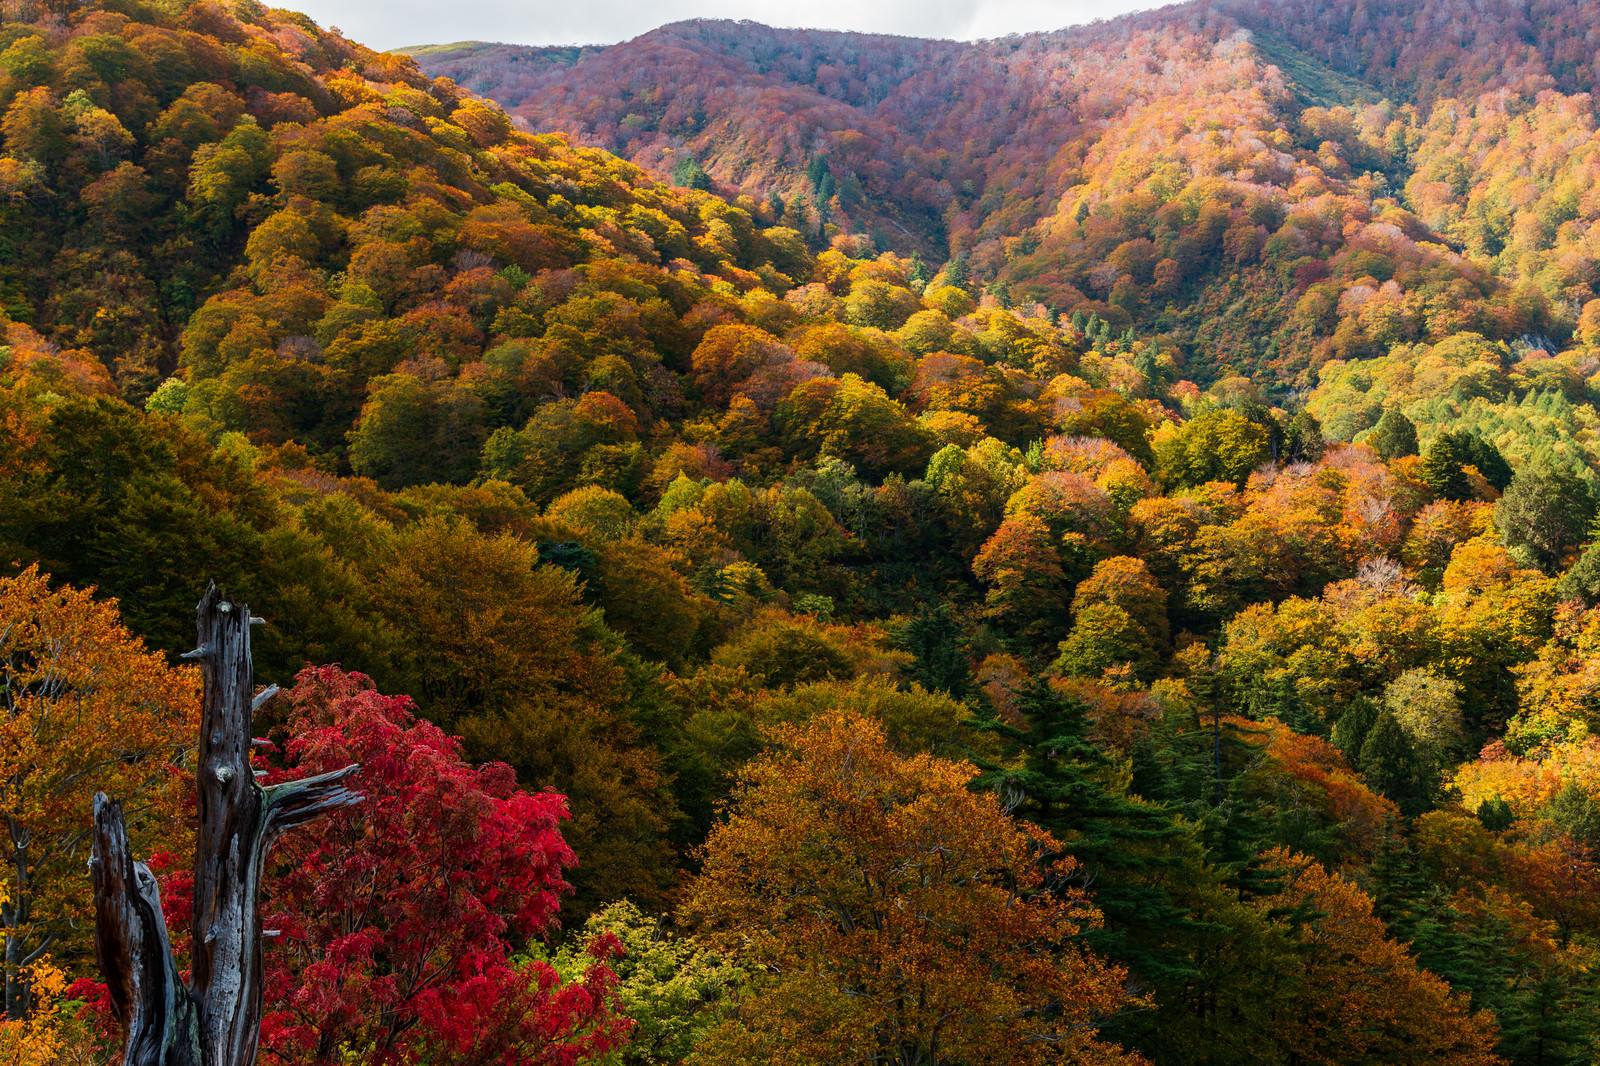 「河原毛地獄から望む黄葉した森」の写真